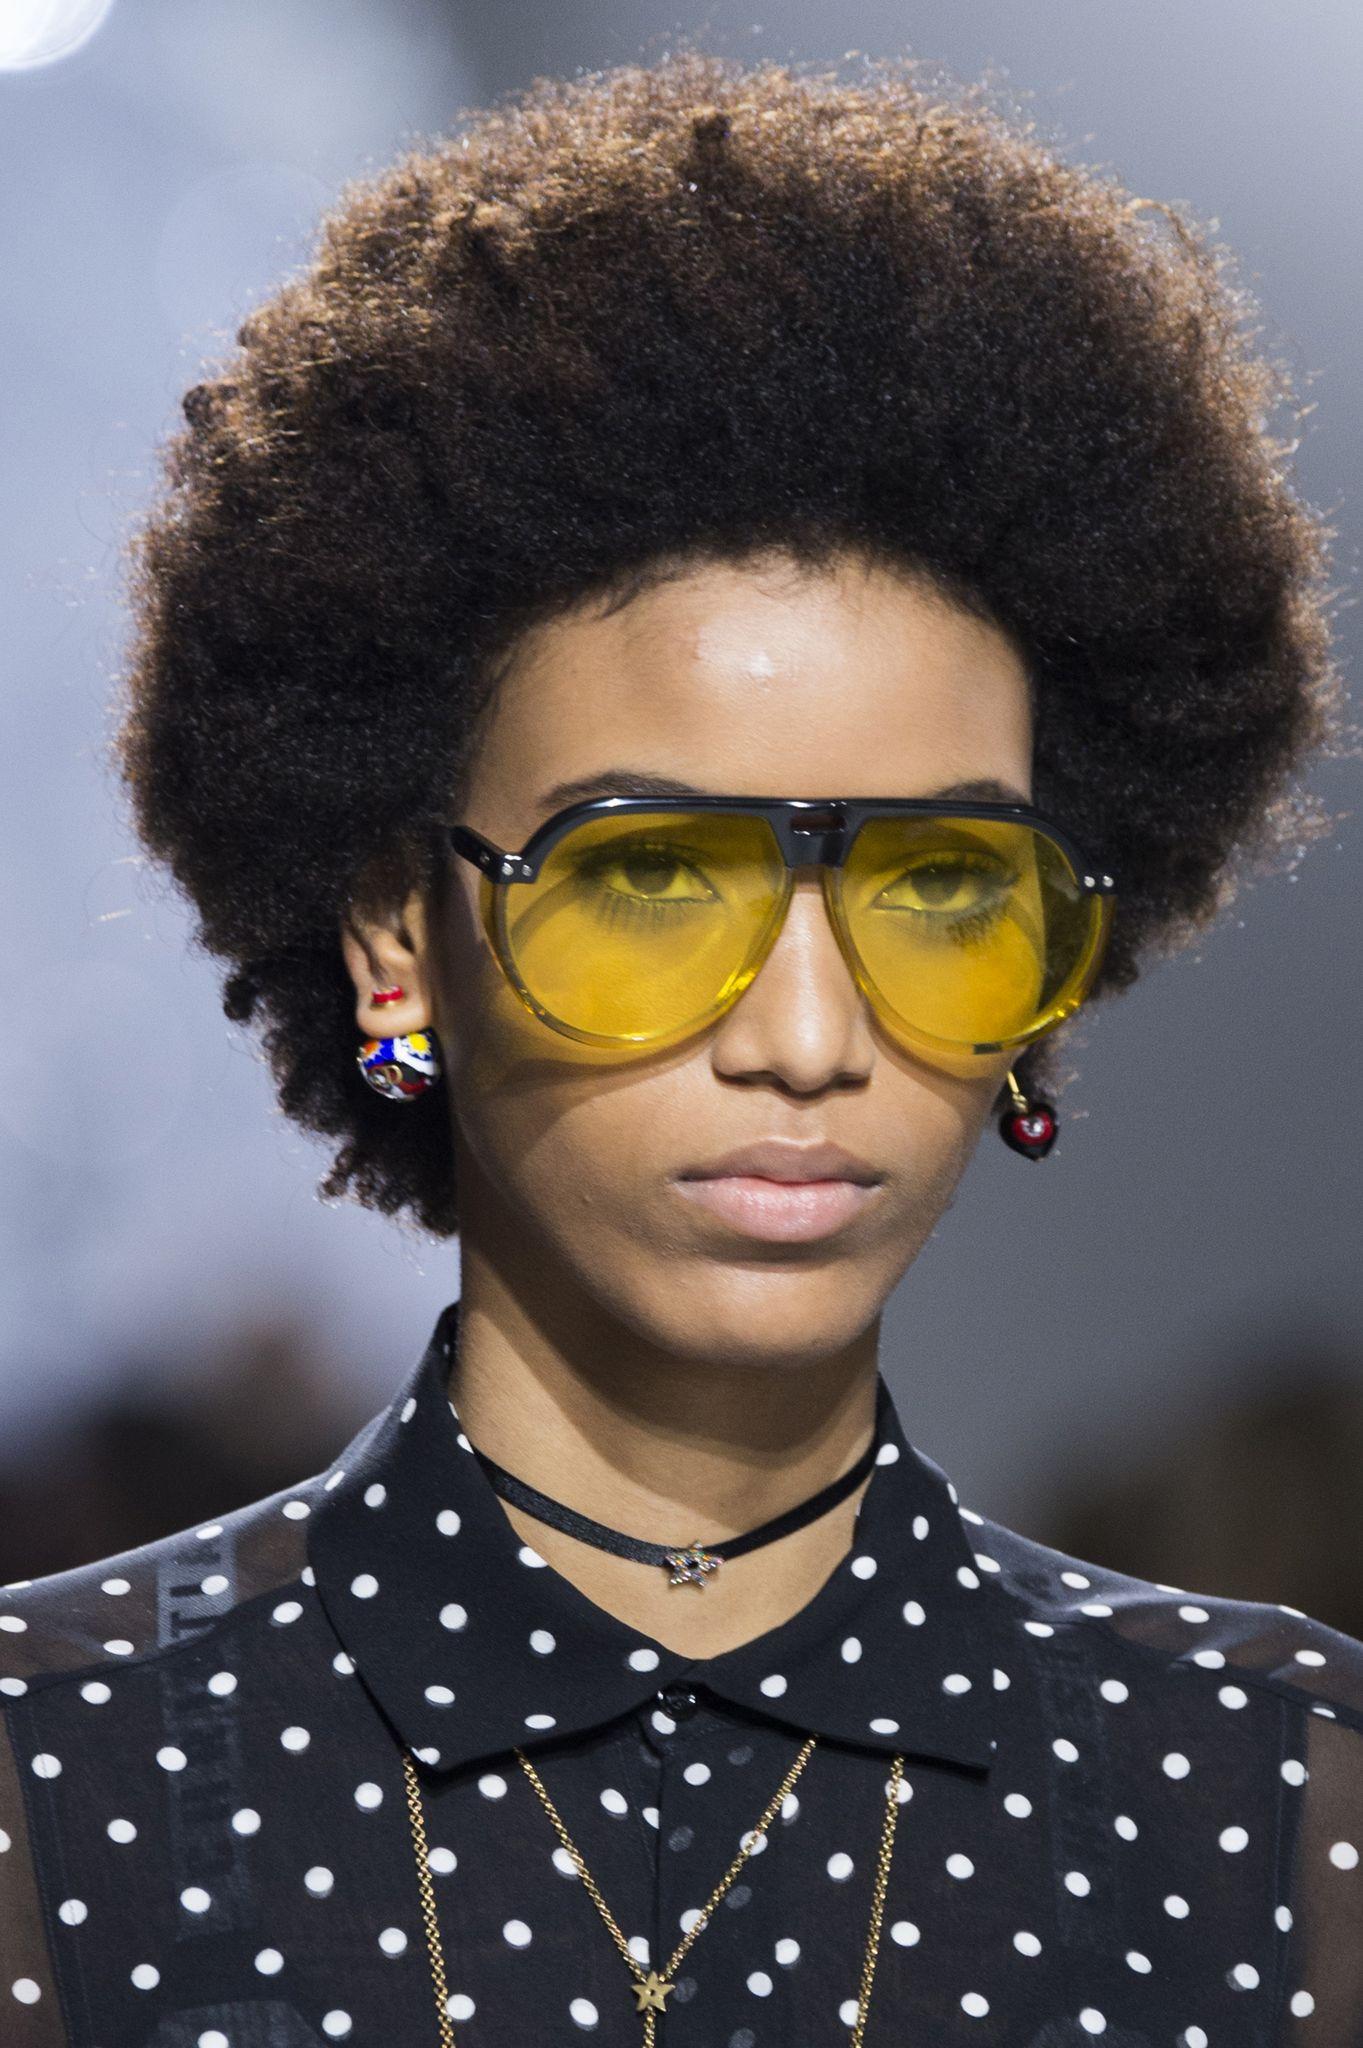 ochelari-soare-colorati